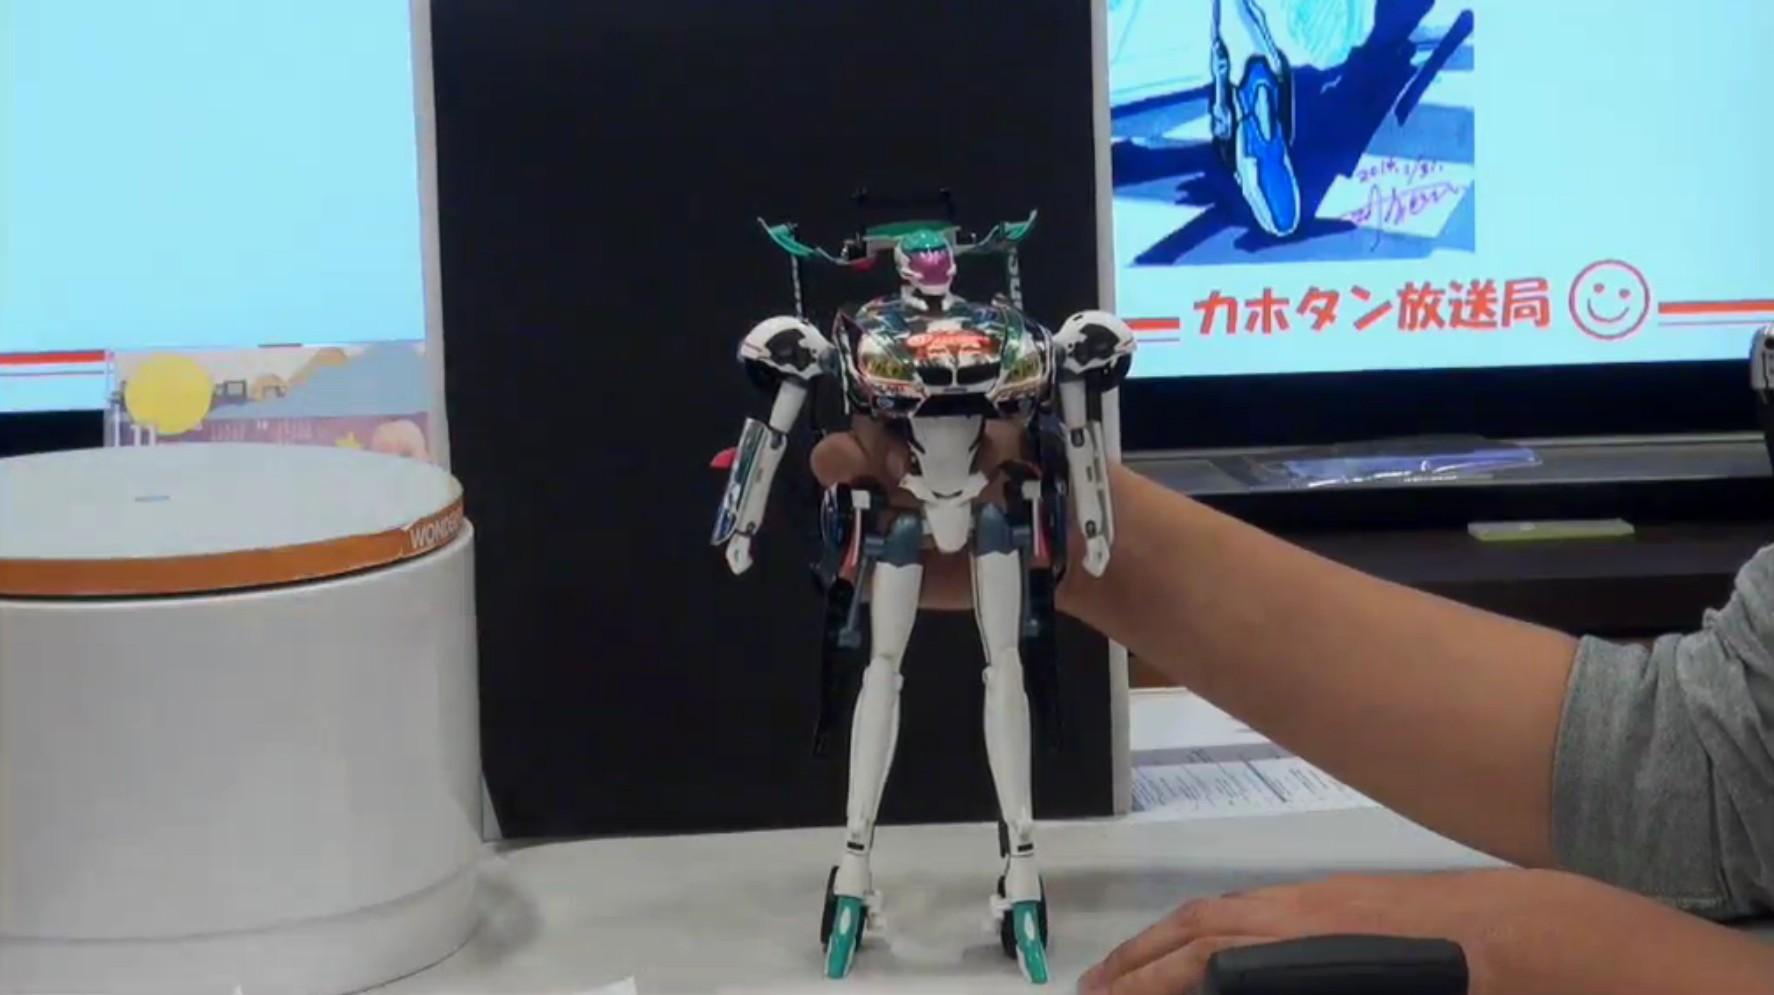 Gear Tribe 初音ミクGTプロジェクト2014Ver (18)